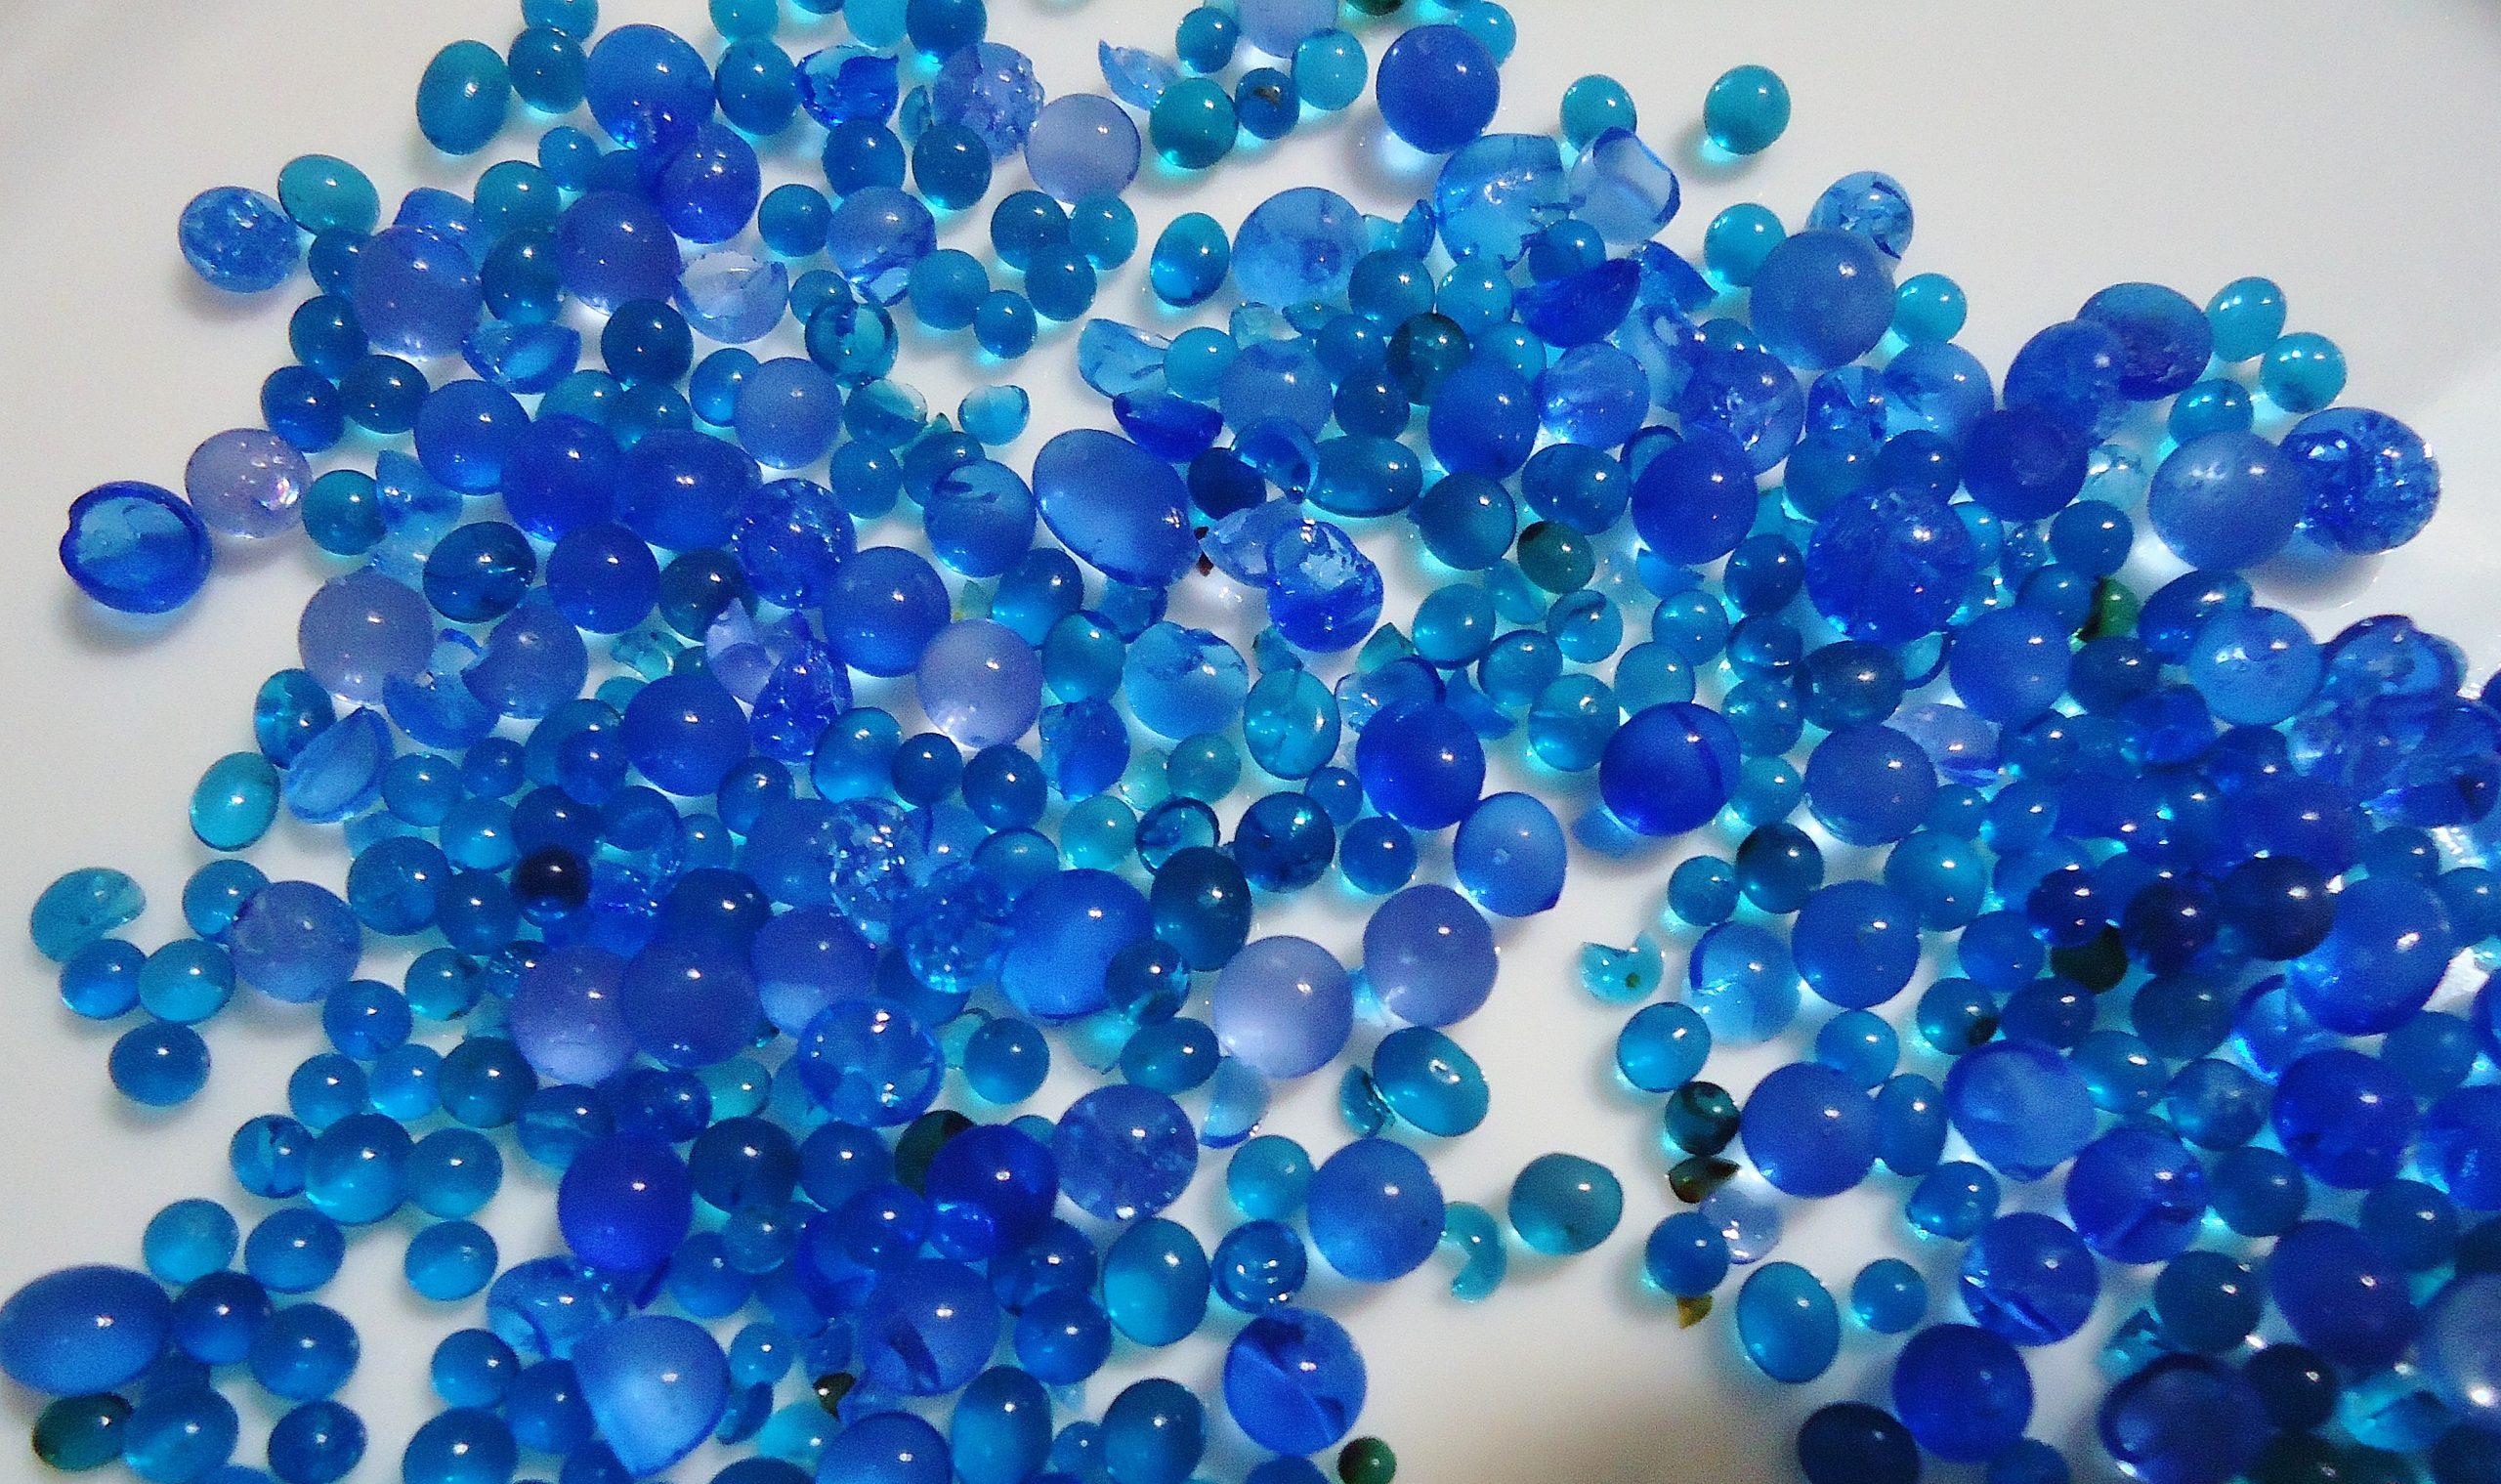 Blue_silica_gel